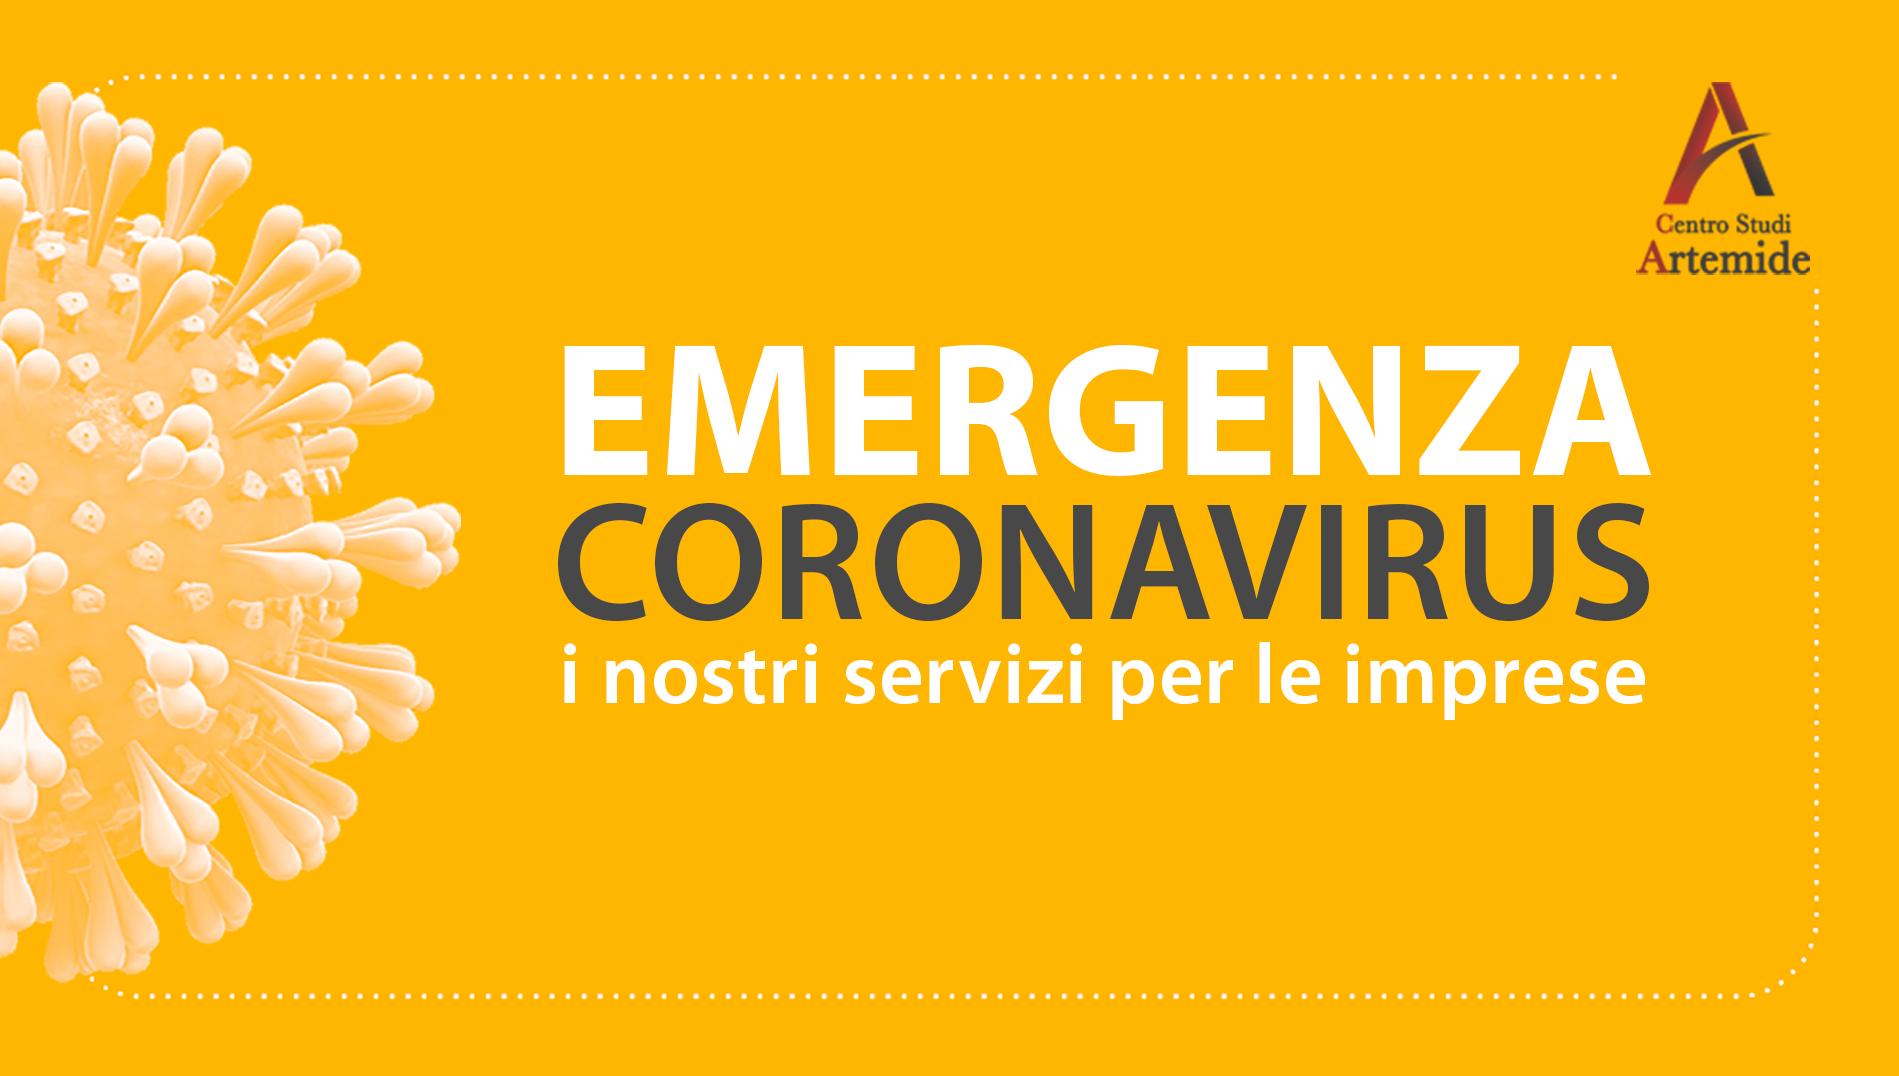 Coronavirus, un vaccino per prevenire il contagio sui conti dell'azienda